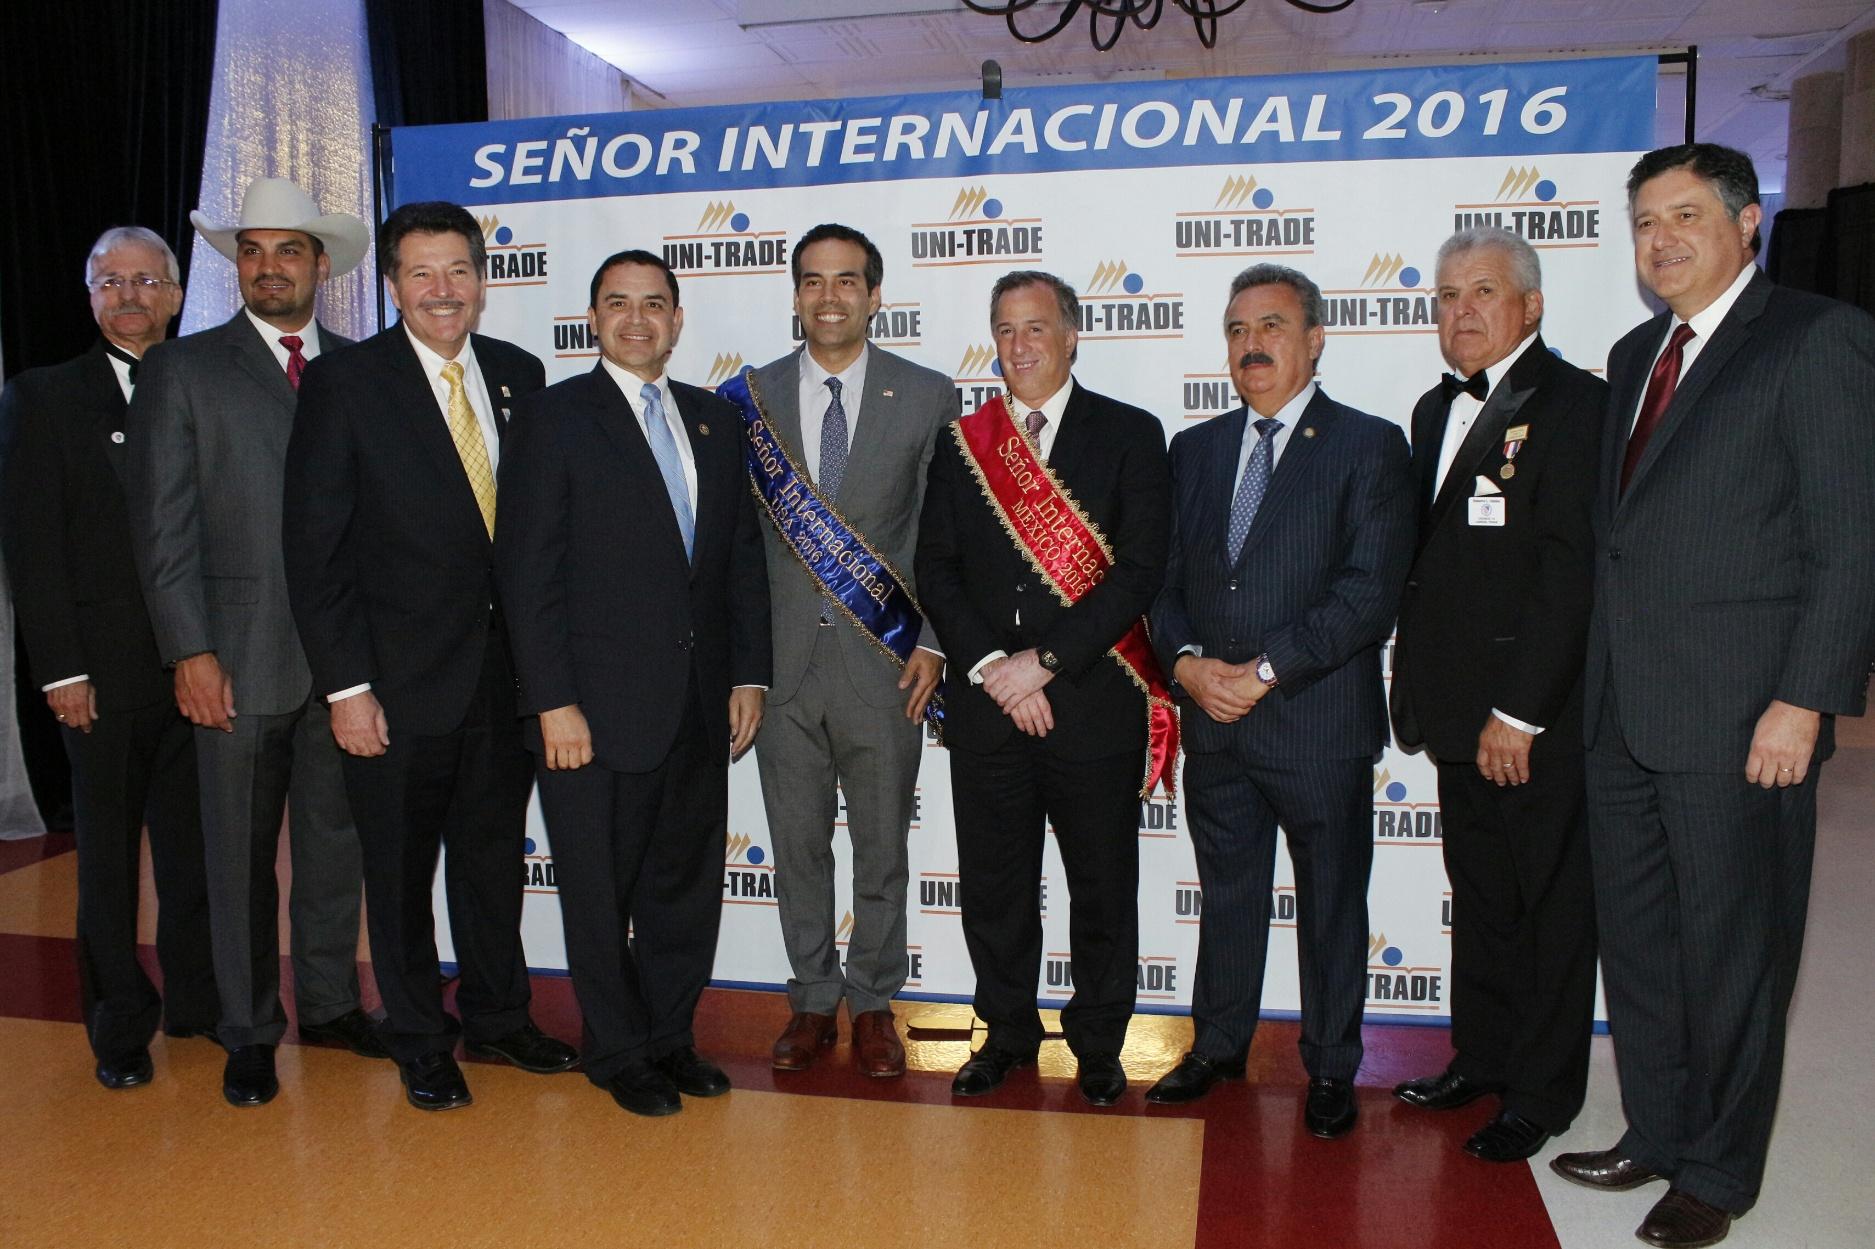 FOTO 4 Recibe el secretario Meade en Laredo  Texas  reconocimiento Se or Internacional 2016.jpg